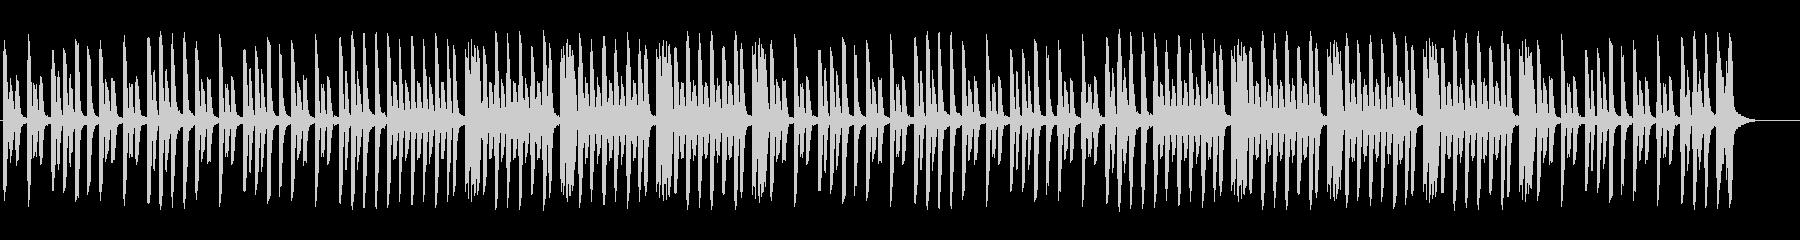 のんびりしたほのぼのピアノ曲の未再生の波形